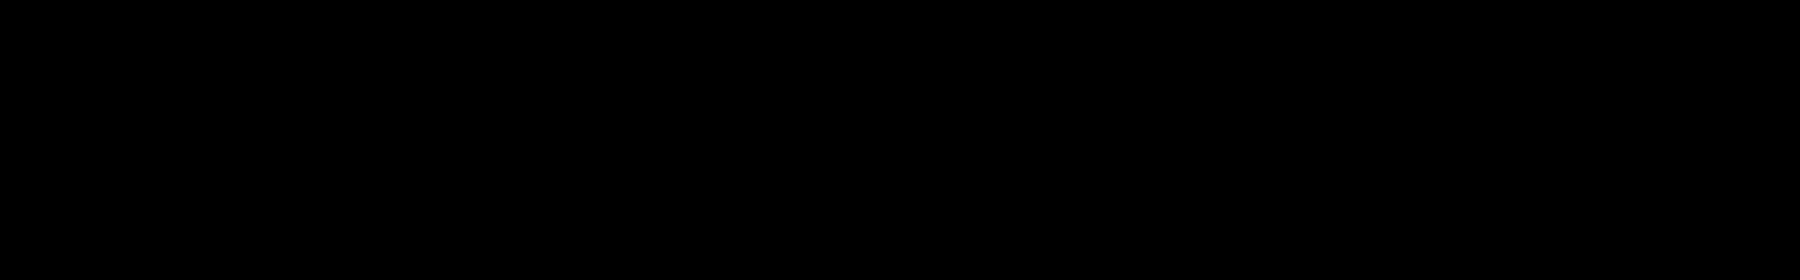 Reggaeton Vocals audio waveform